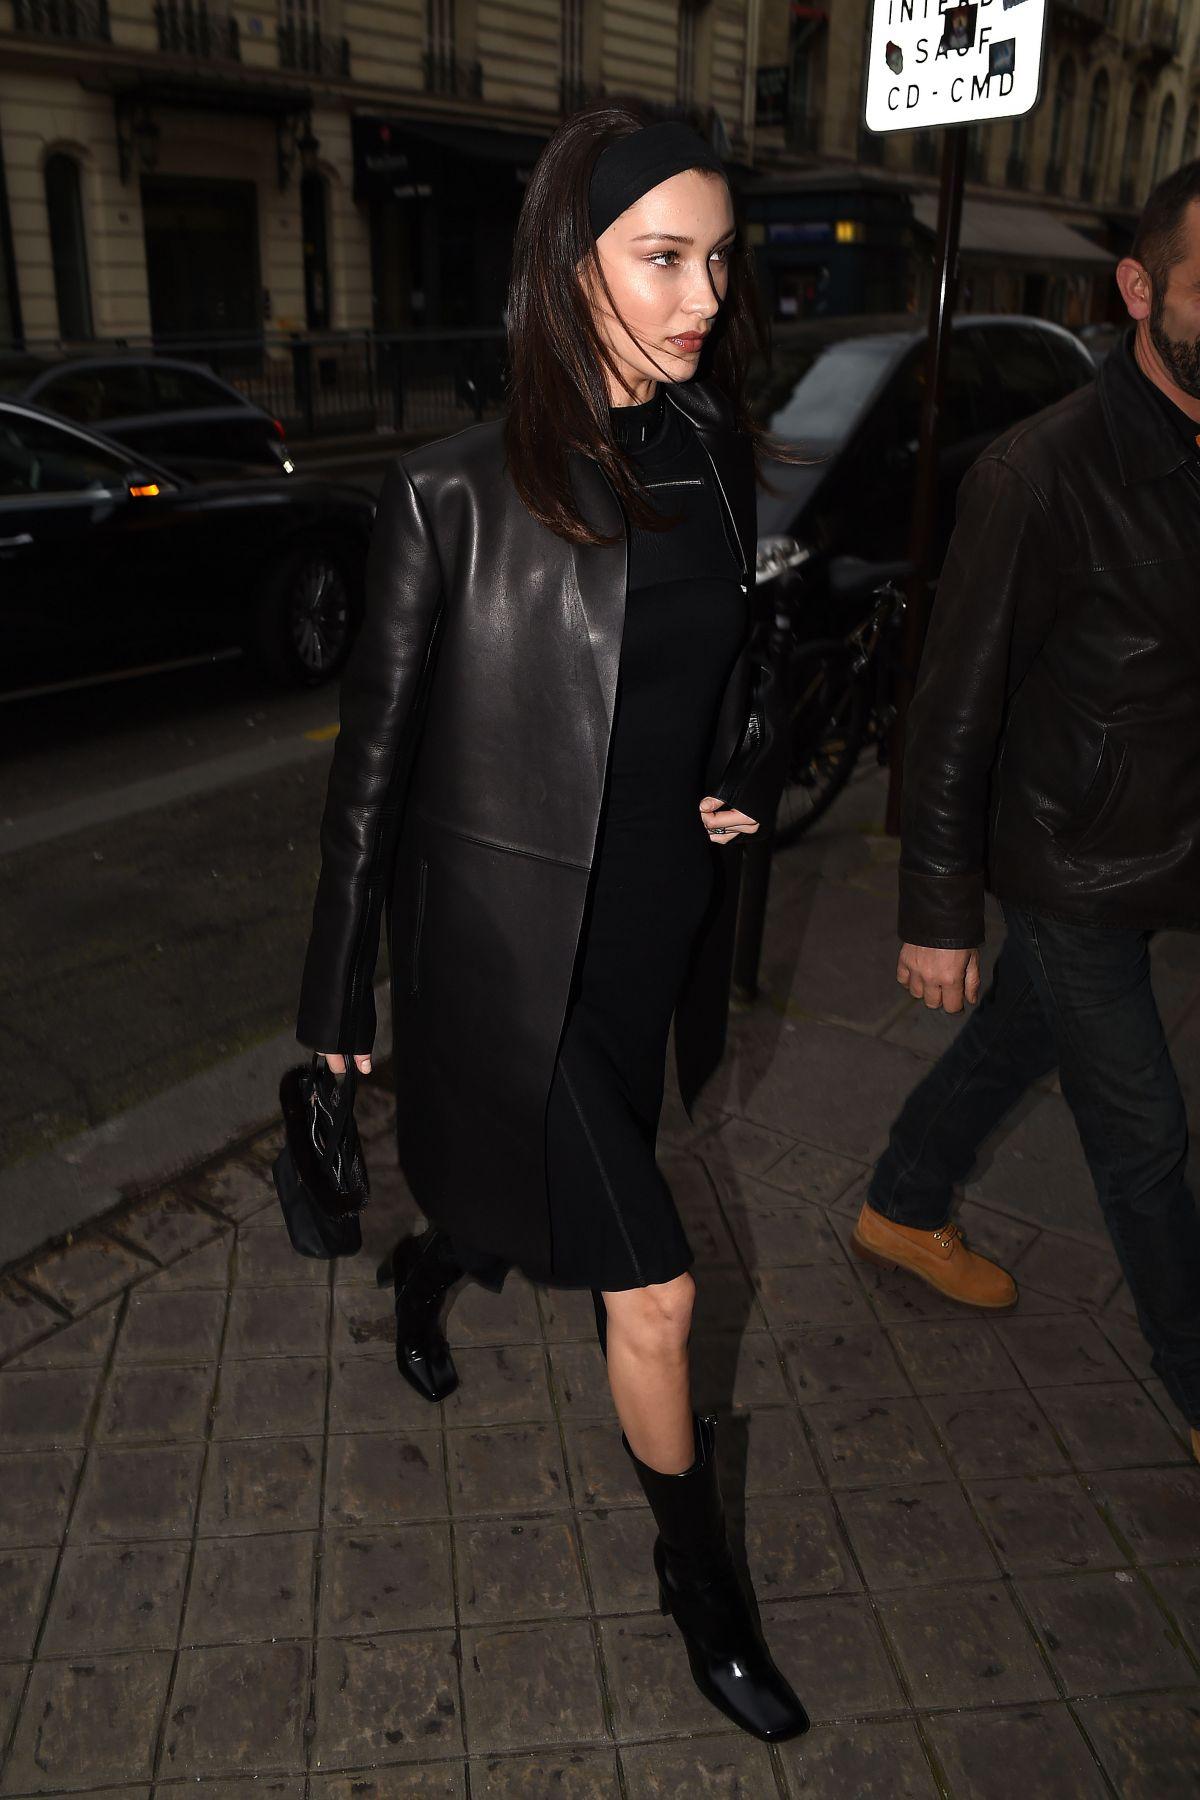 Bella Hadid Arrives At Vogue Party At Paris Fashion Week 03 03 2019